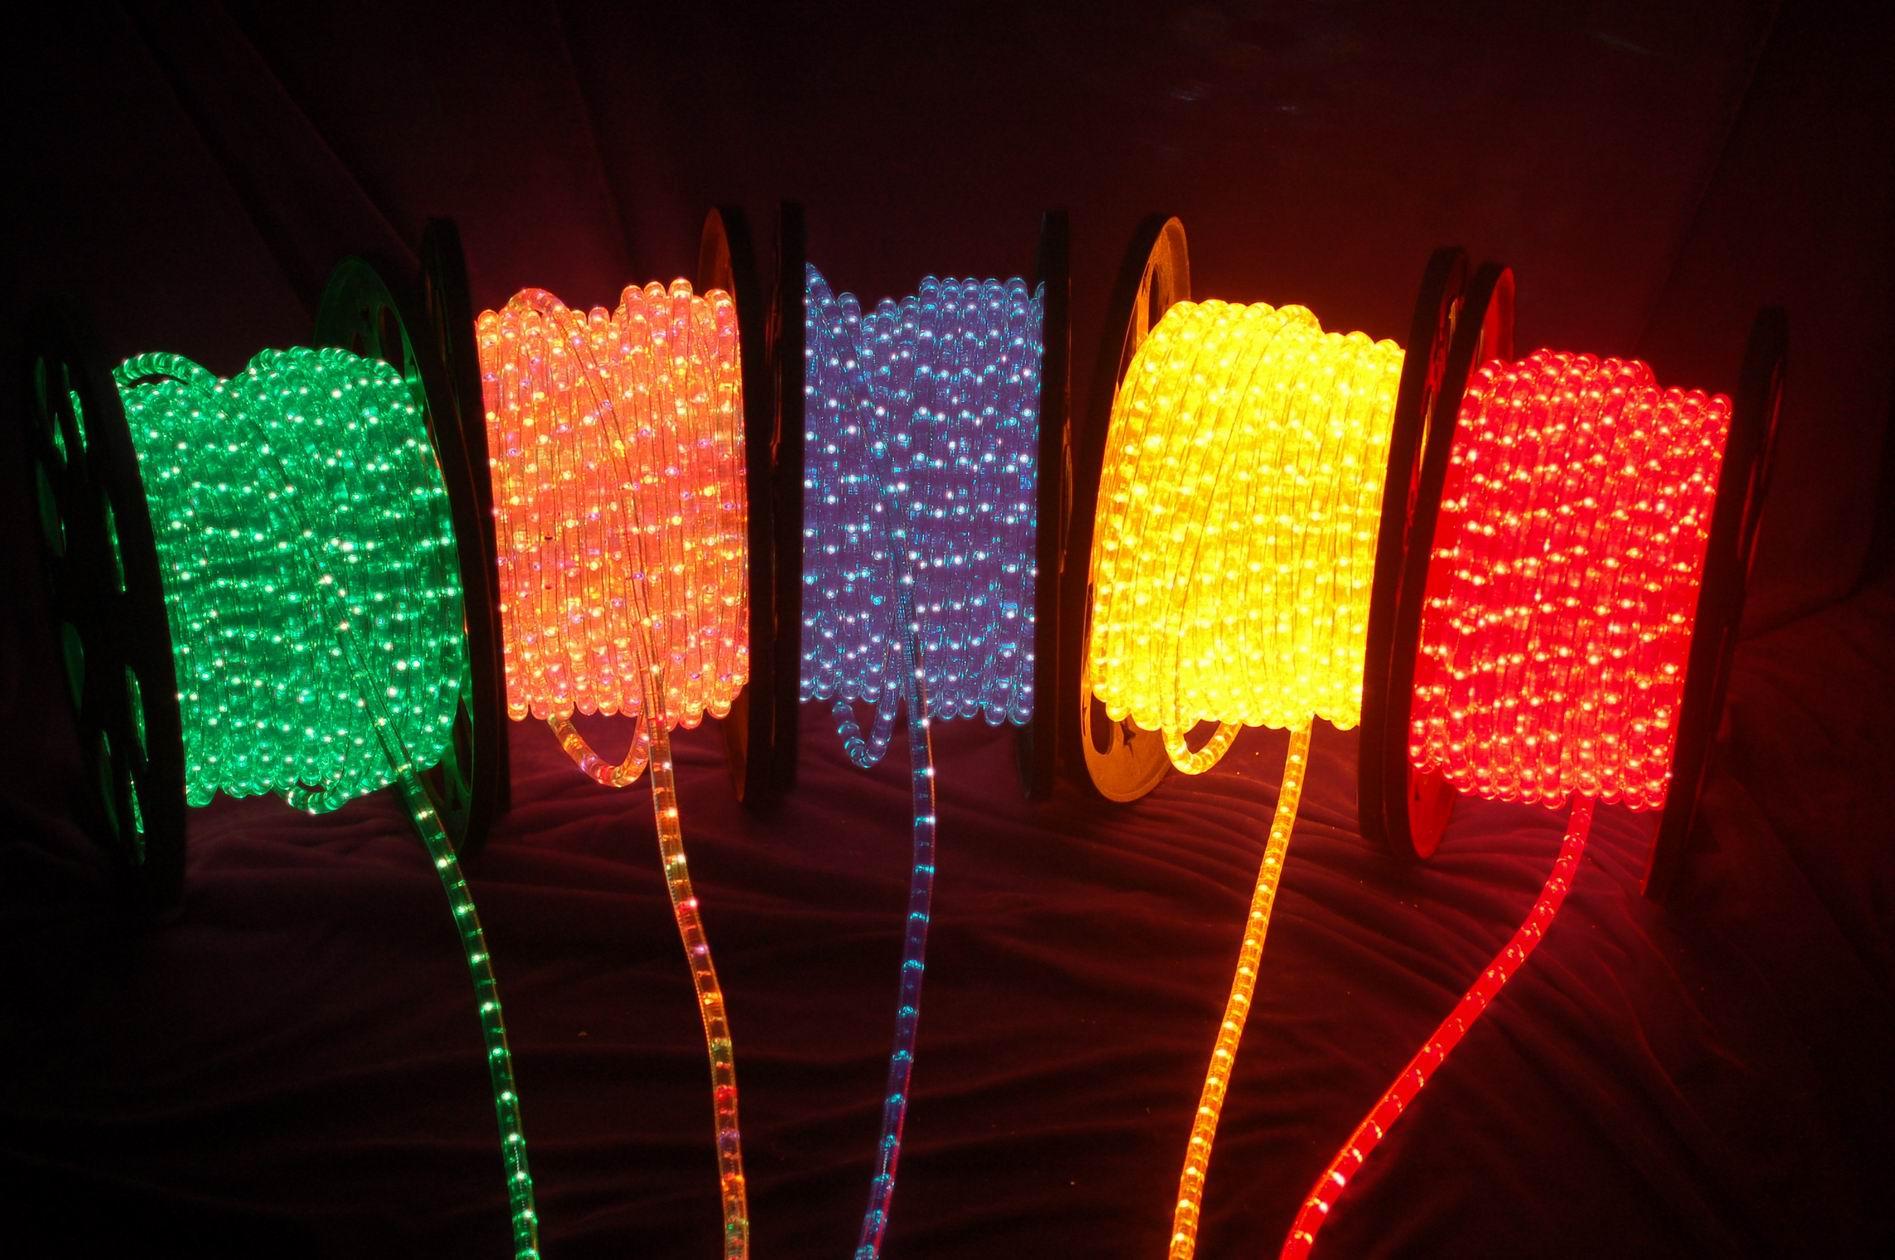 Neon De Decoration Interieur réalisation de décoration cordon lumineux led